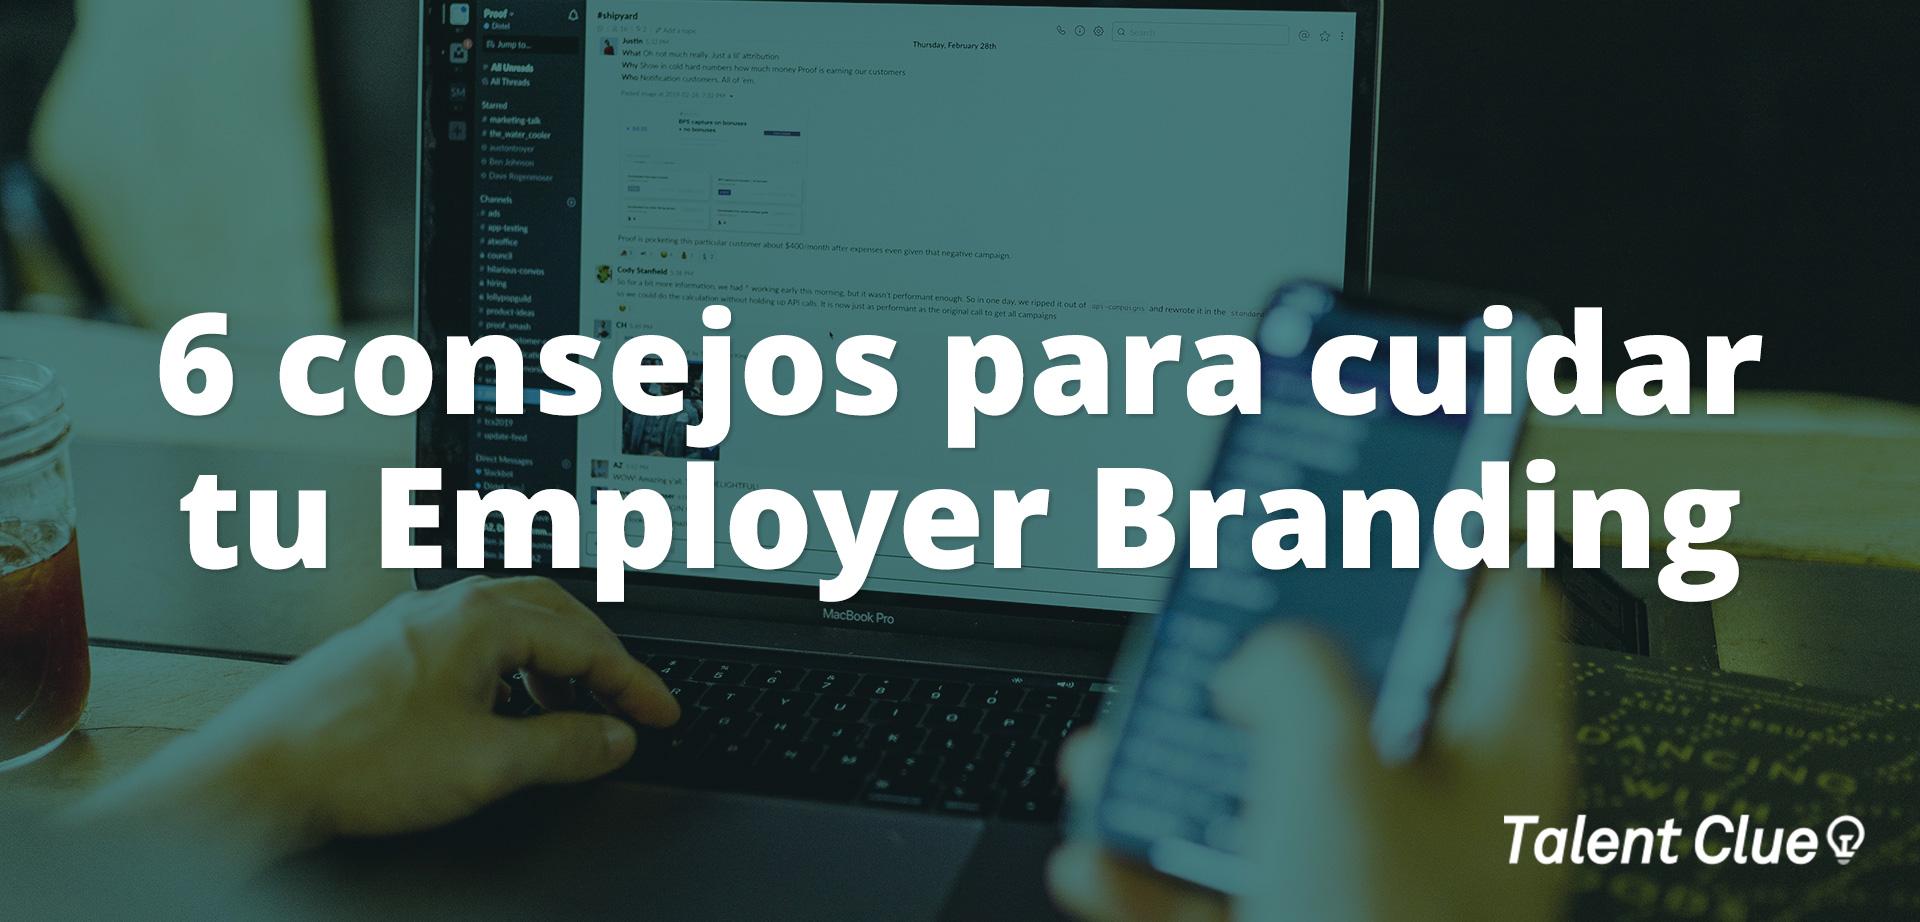 6 consejos para cuidar tu Employer Branding en tiempos de Covid-19